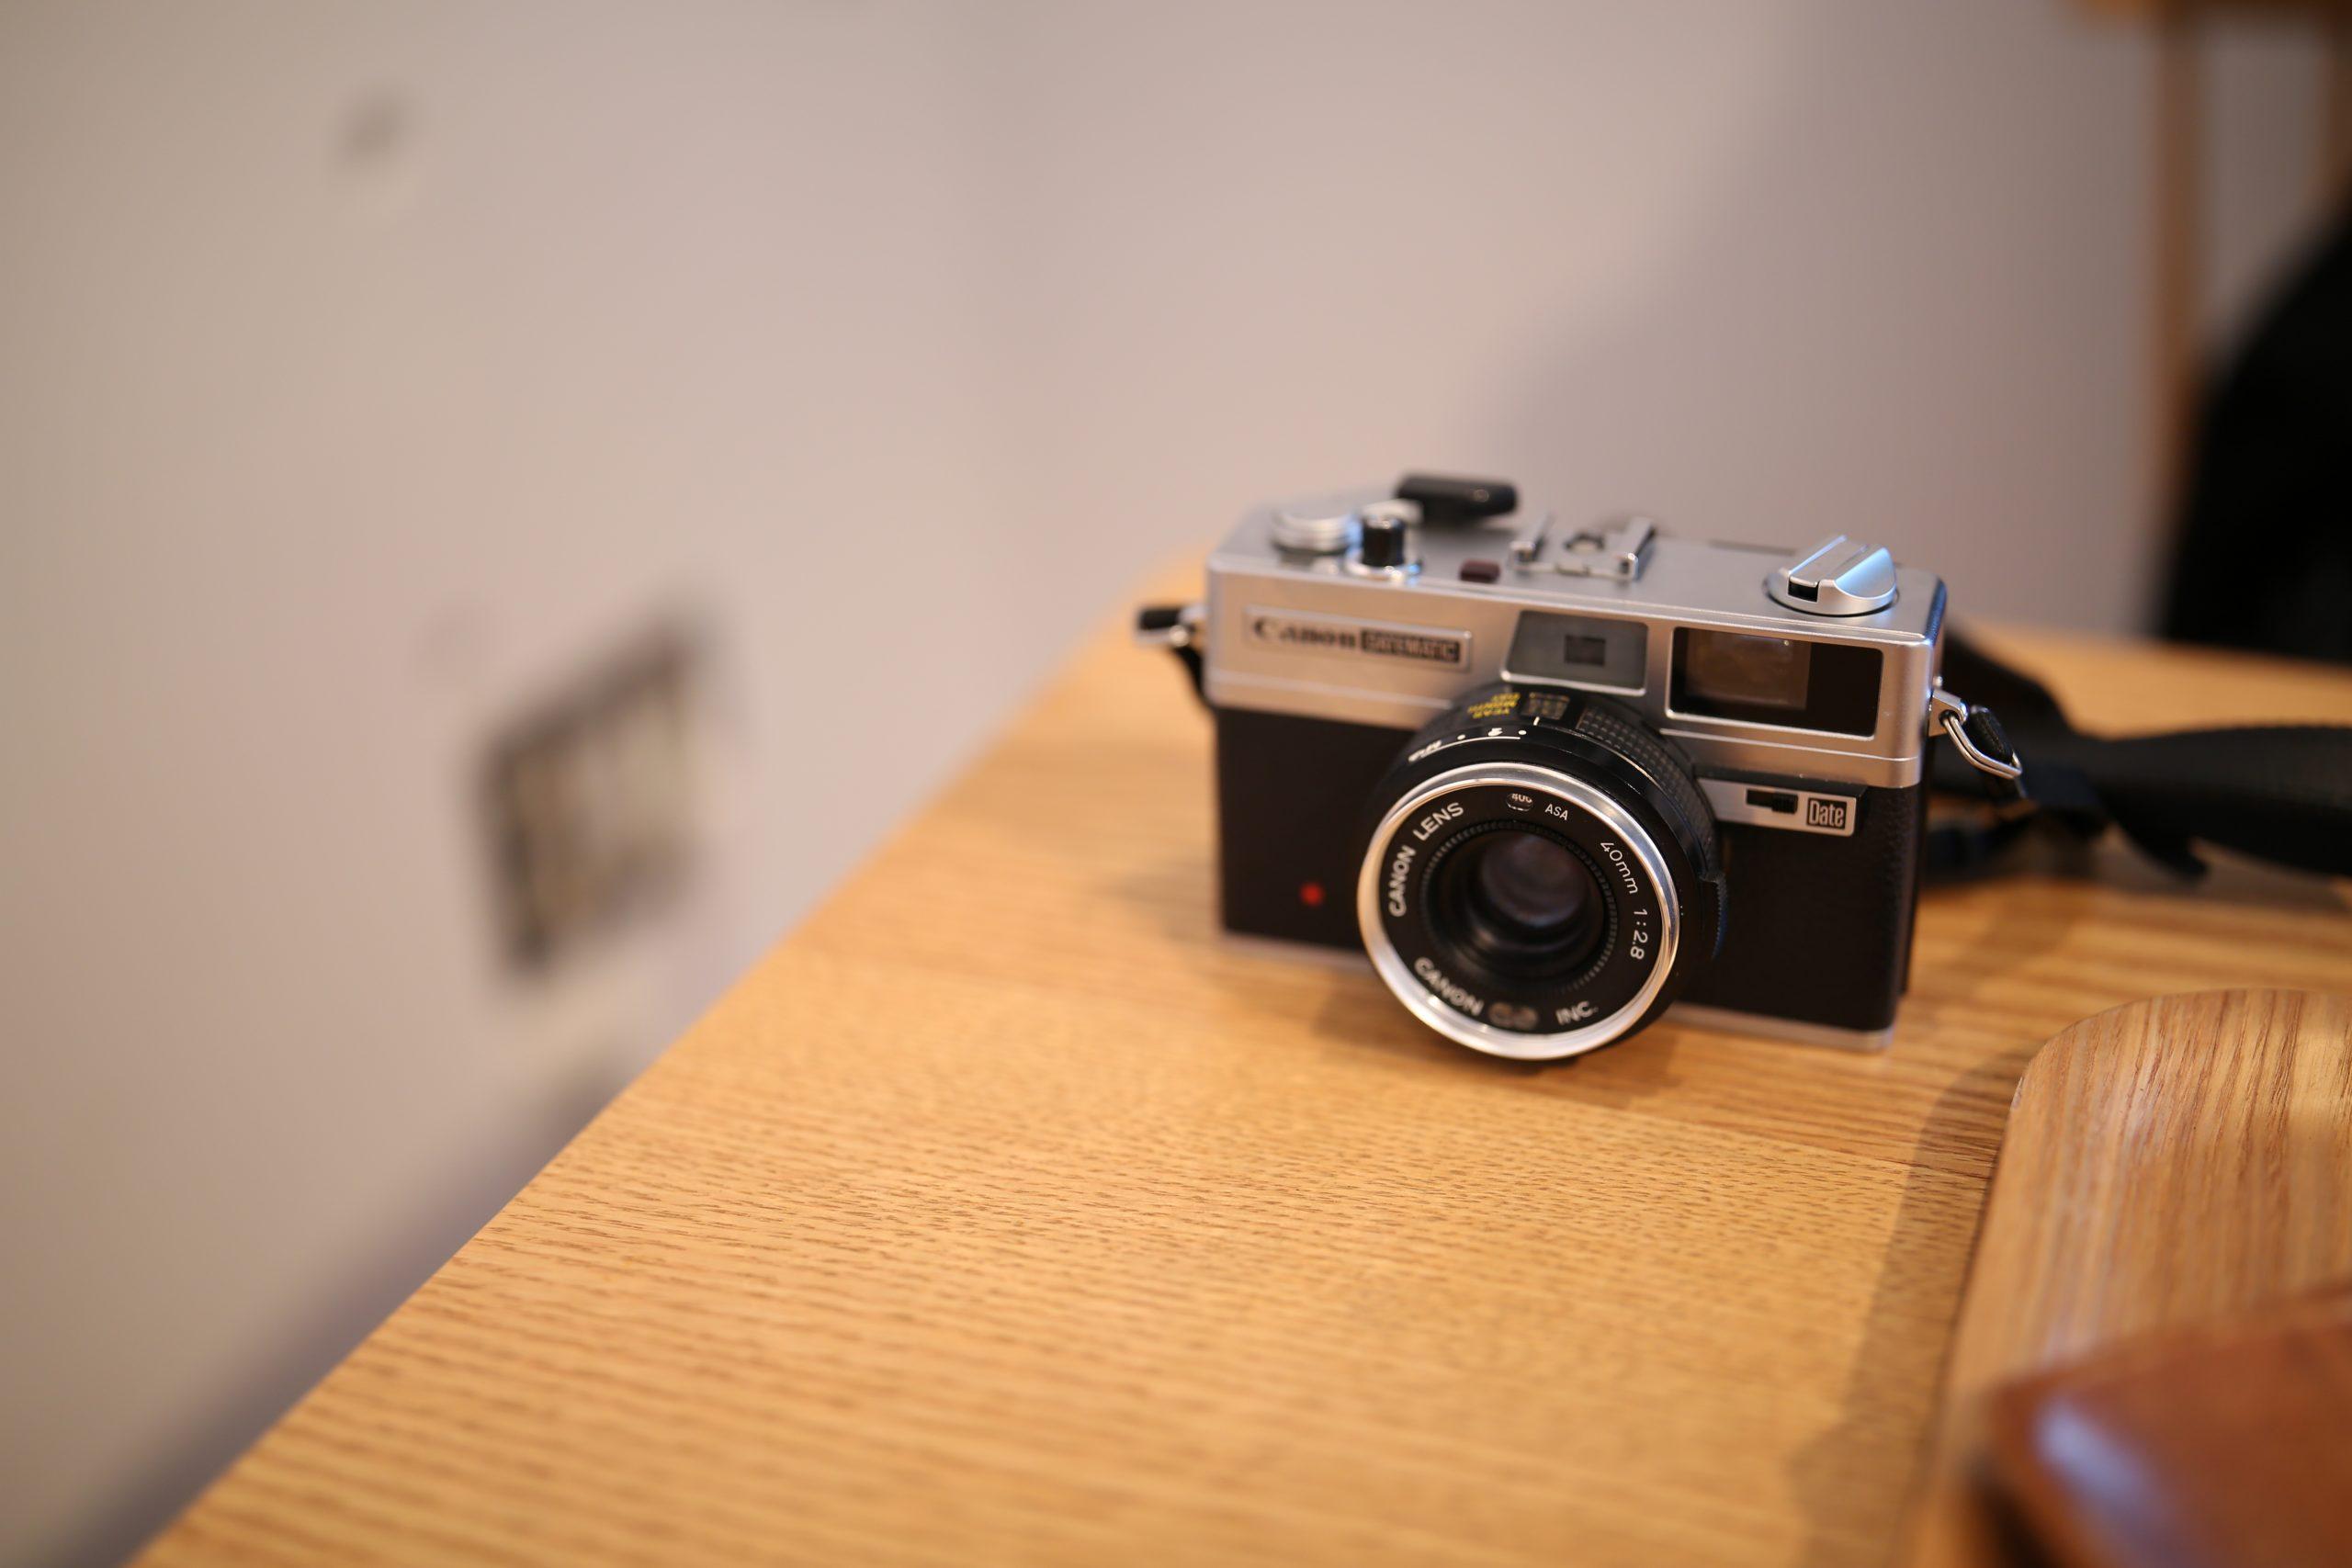 【SIGMA】Art 40mm F1.4 DG HSMのすゝめ